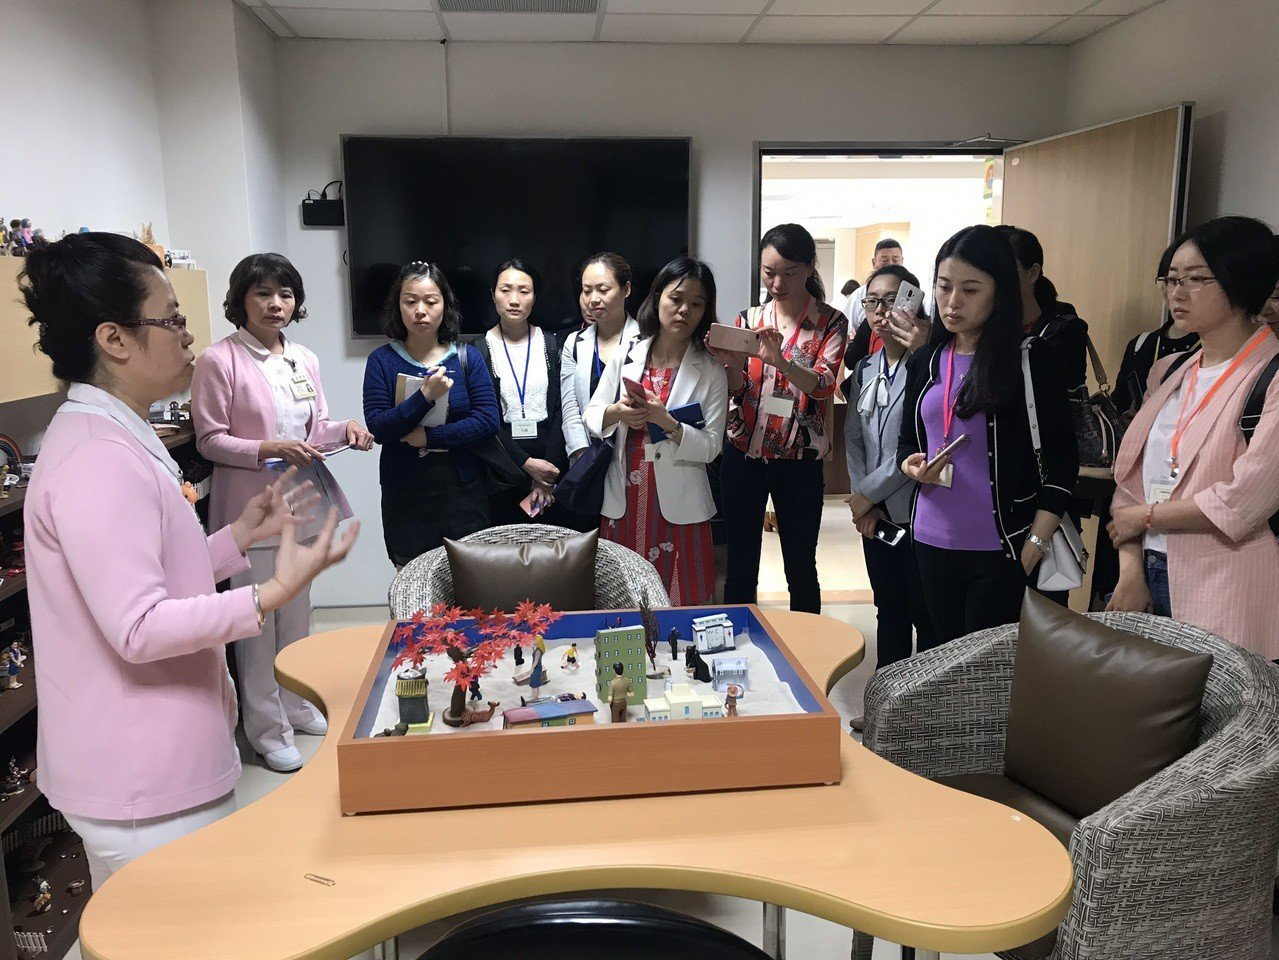 中國大陸四川省樂山市人民醫院昨日赴台前往台北榮民總醫院桃園分院進行參訪,包括台灣...